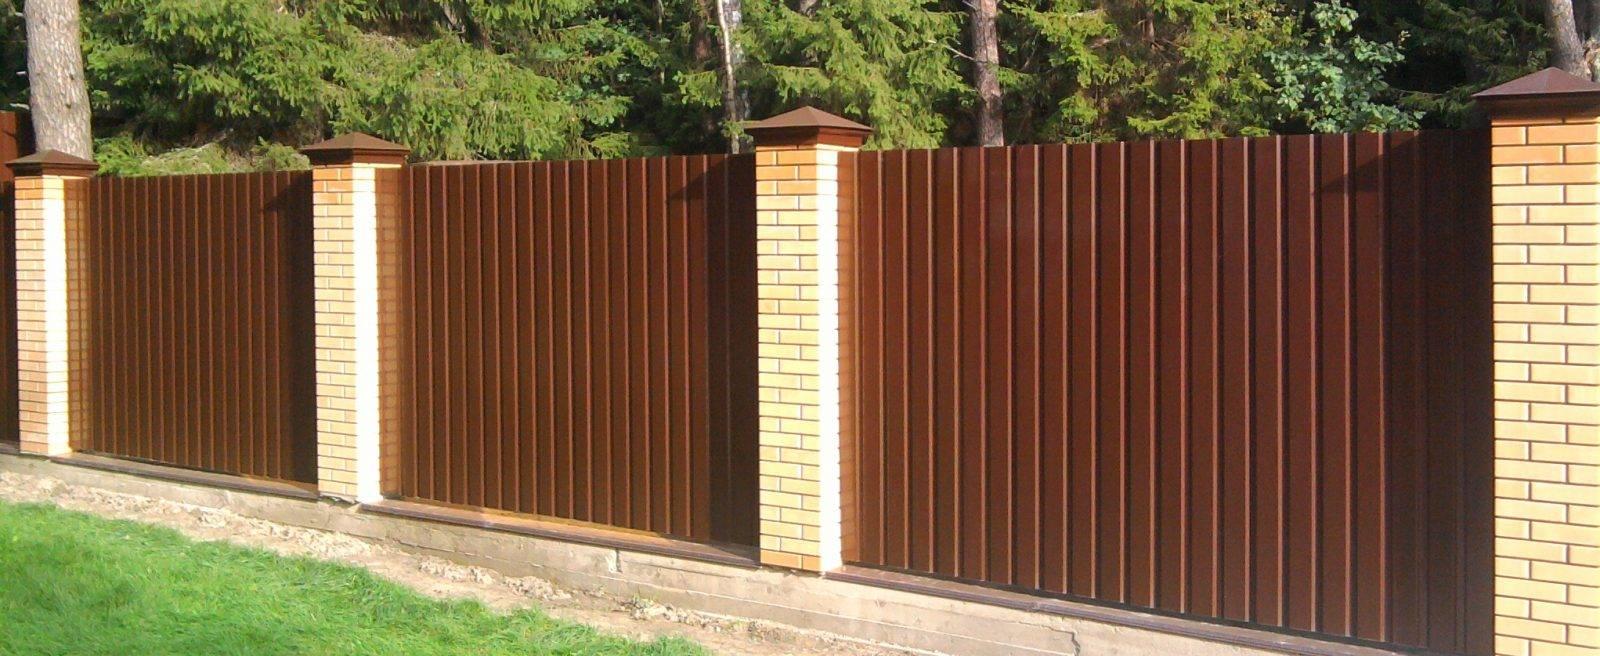 Забор из кирпича и профнастила – порядок работ по монтажу